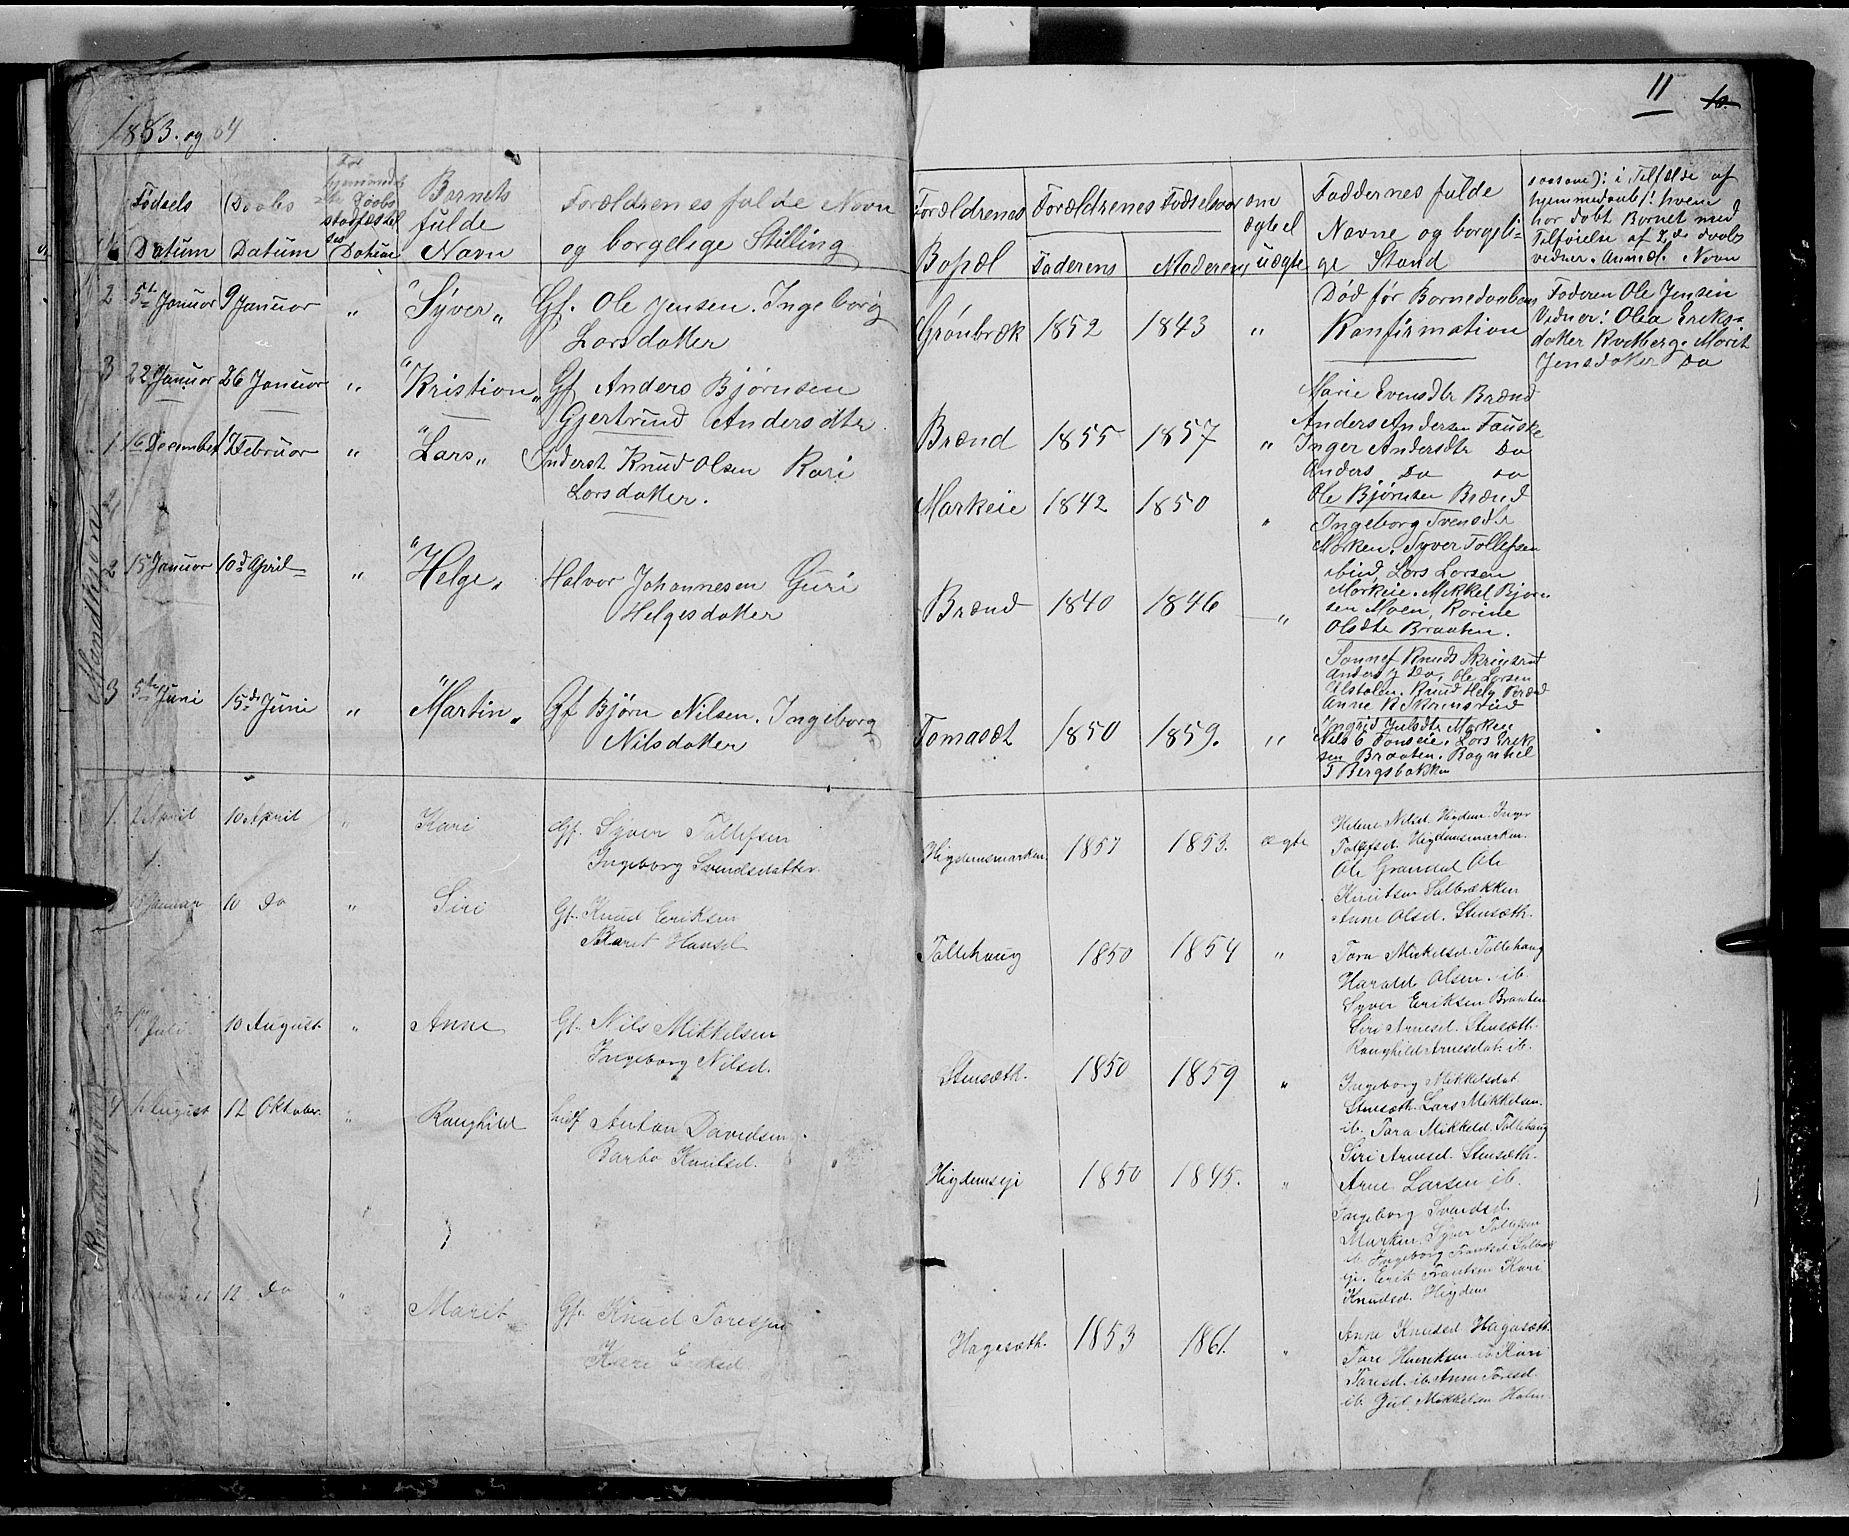 SAH, Nord-Aurdal prestekontor, Klokkerbok nr. 5, 1876-1895, s. 11